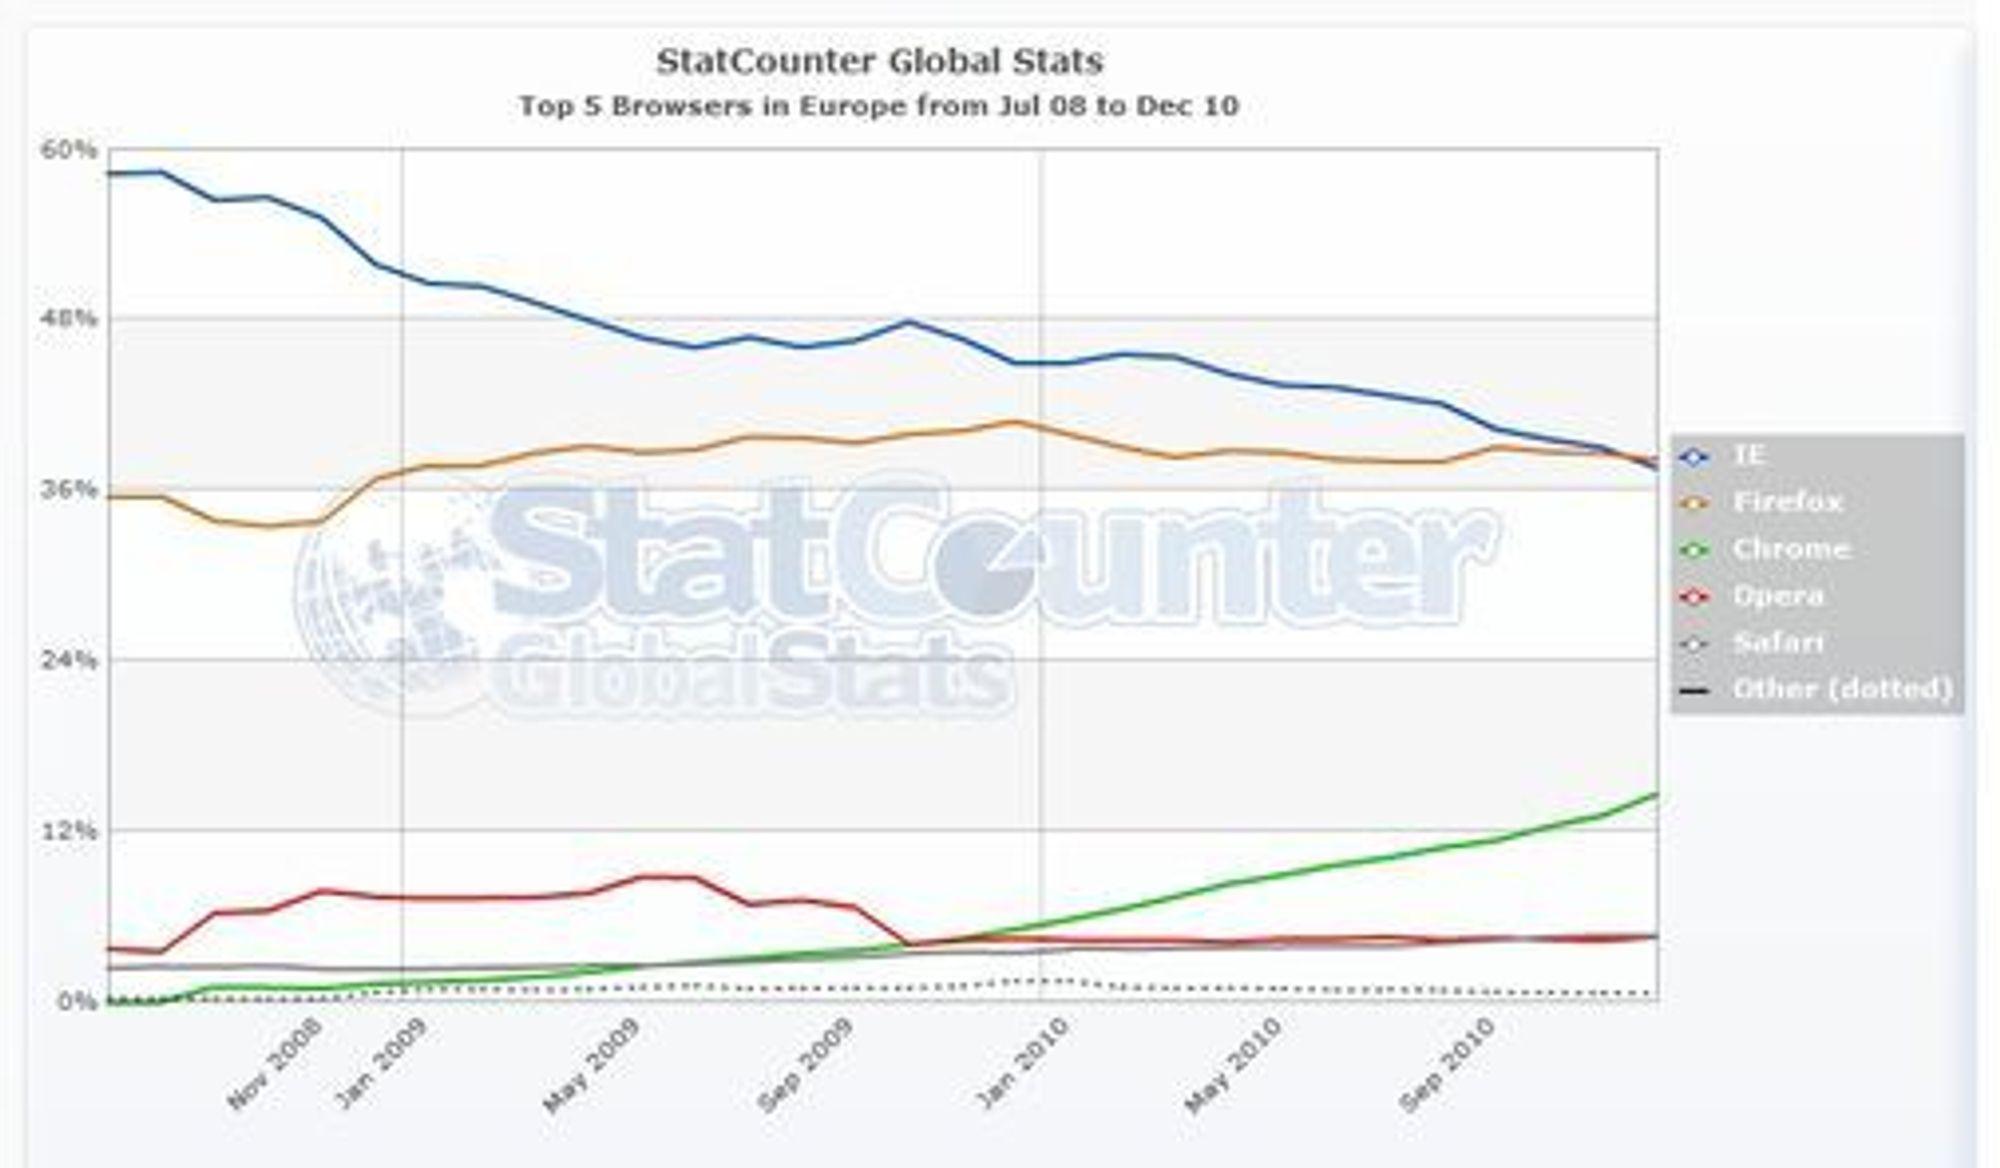 Månedlig nettleserstatistikk fra StatCounter for de fem vanligste nettlesere i Europa i perioden juli 2008 til desember 2010.